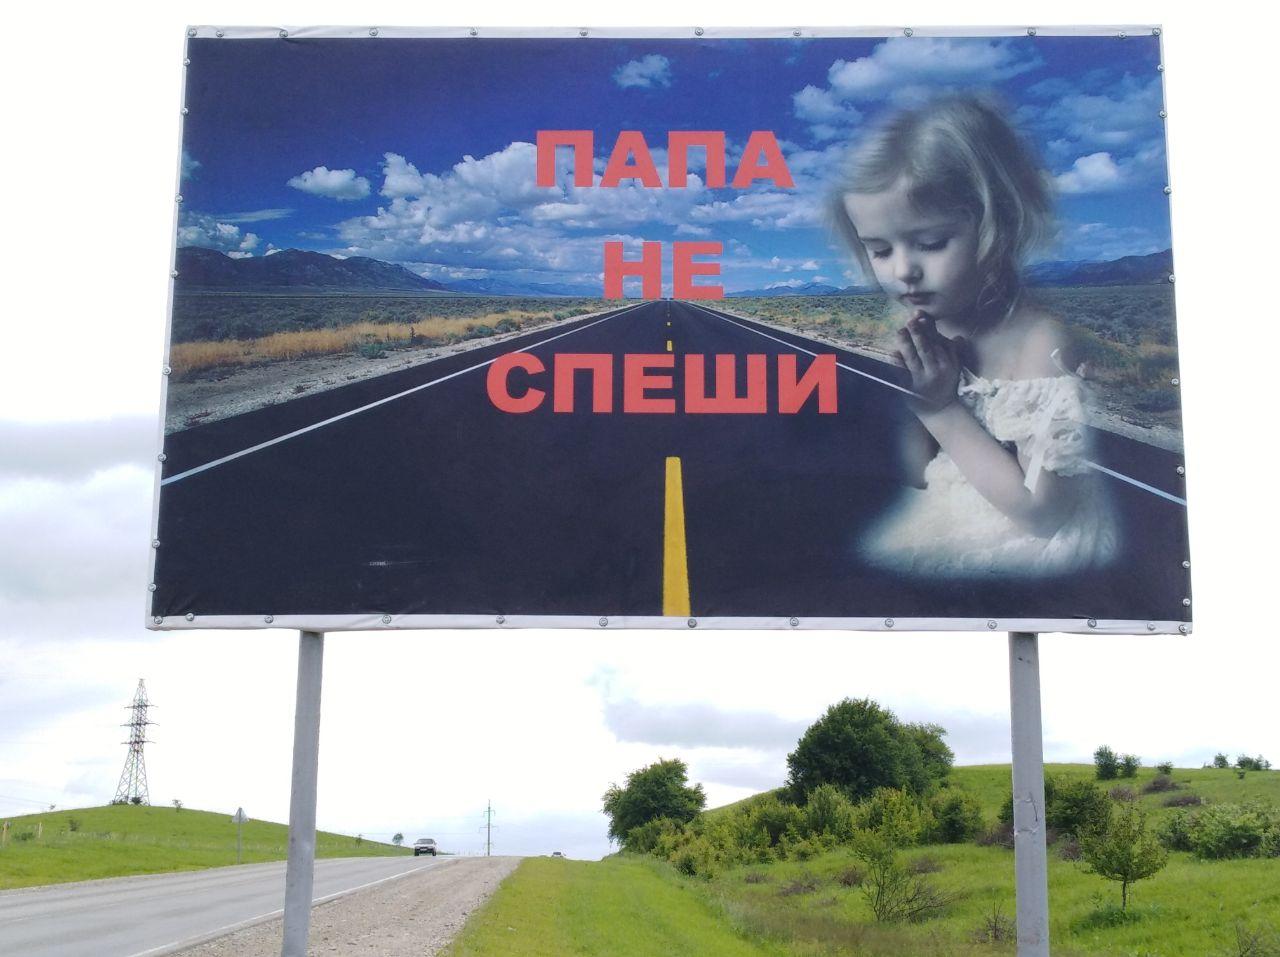 Баннер мотивирующий водителей на соблюдение скоростного режима появился в Зеленчукском районе